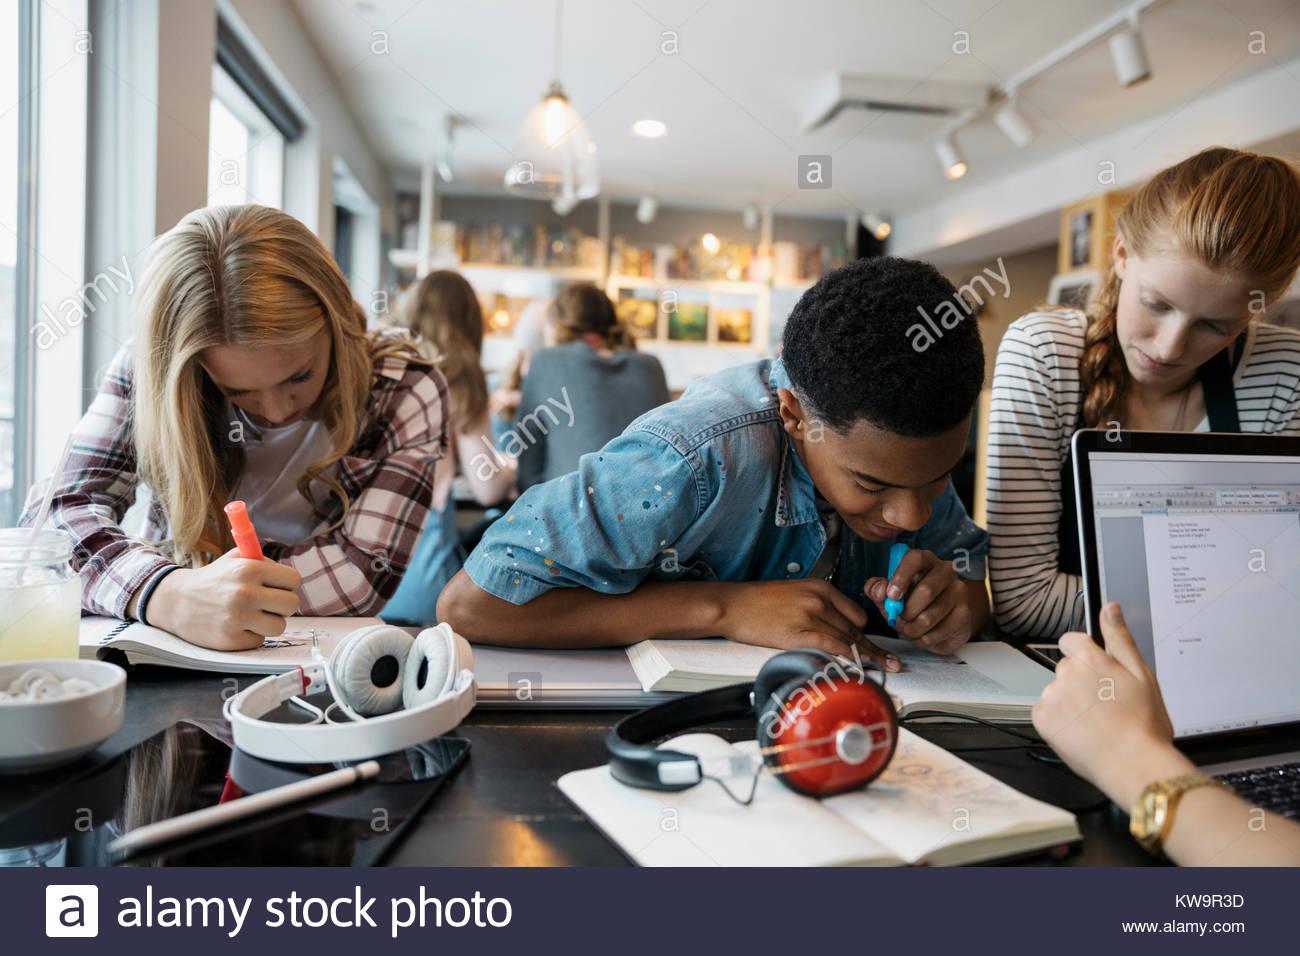 Los alumnos que estudian en la escuela secundaria mesita de café Imagen De Stock